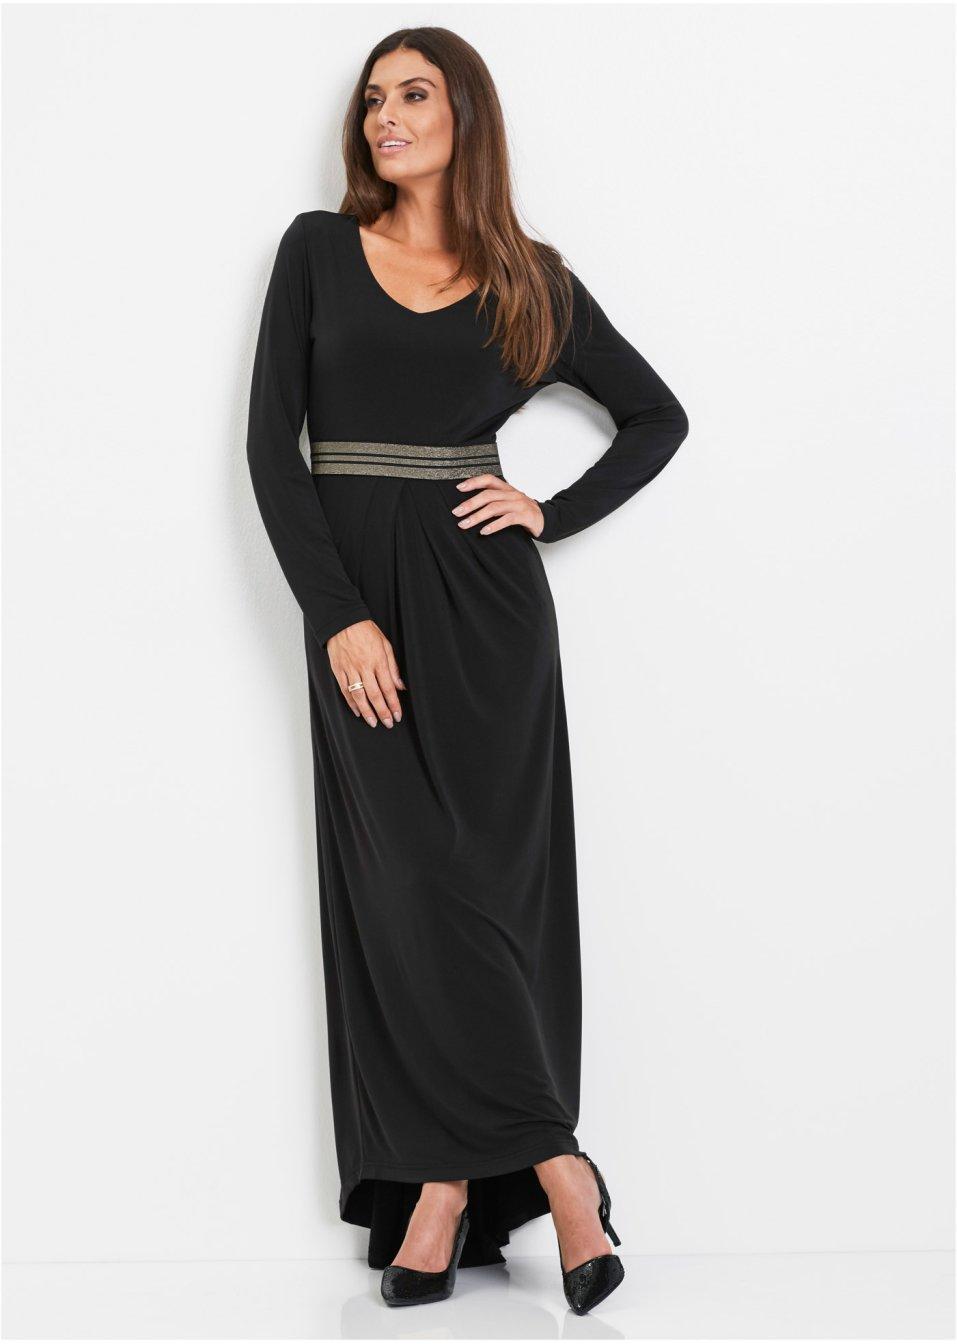 Abendkleid schwarz - bpc selection premium online kaufen ...